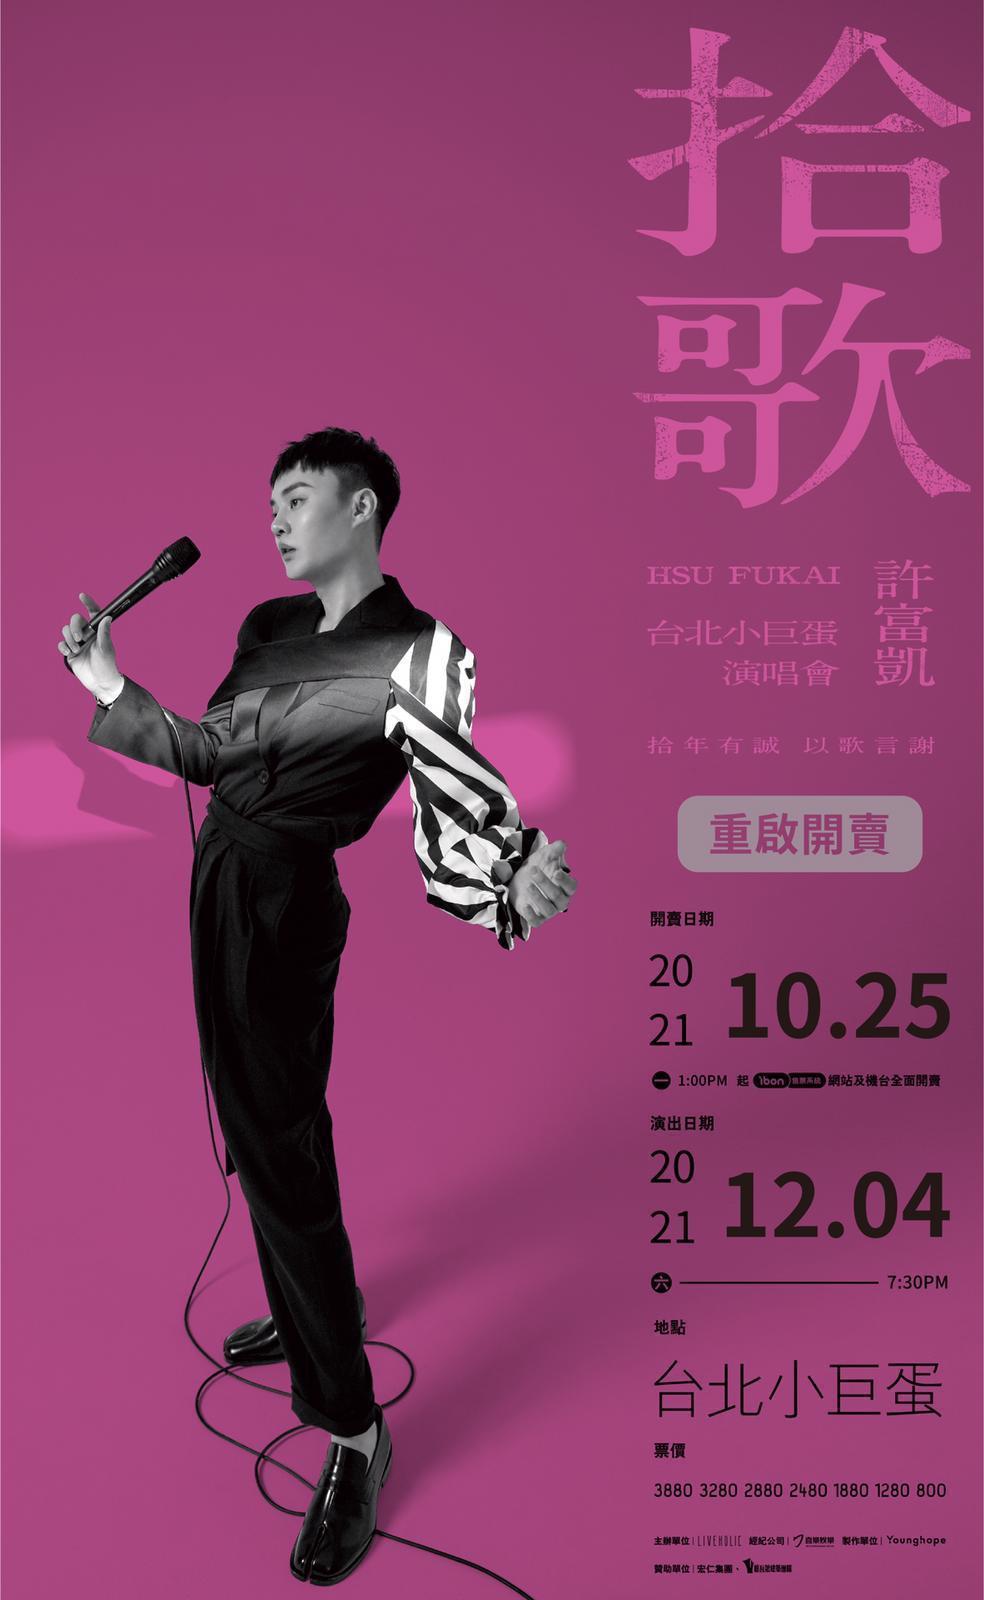 台語歌王許富凱台北小巨蛋演唱會從年初一直轉到年底,自曝將內容加碼又加碼。圖/凱聲...